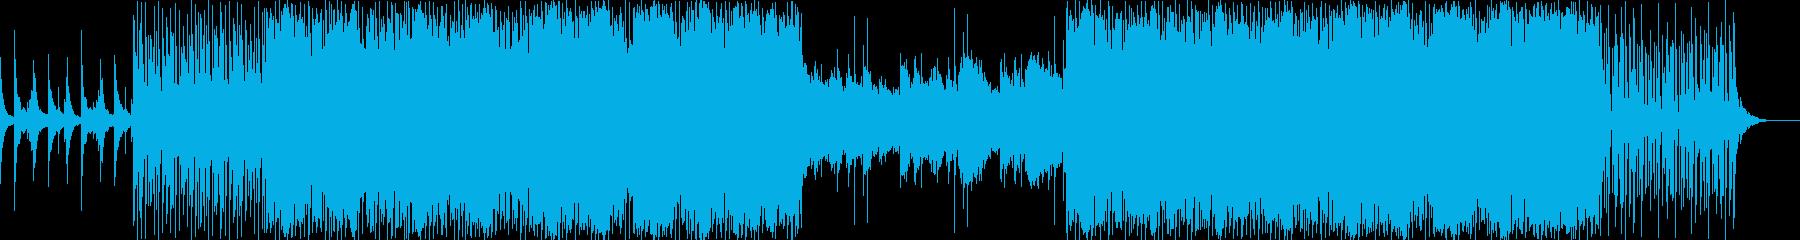 bpm115 暖かな男性ボーカルEDMの再生済みの波形